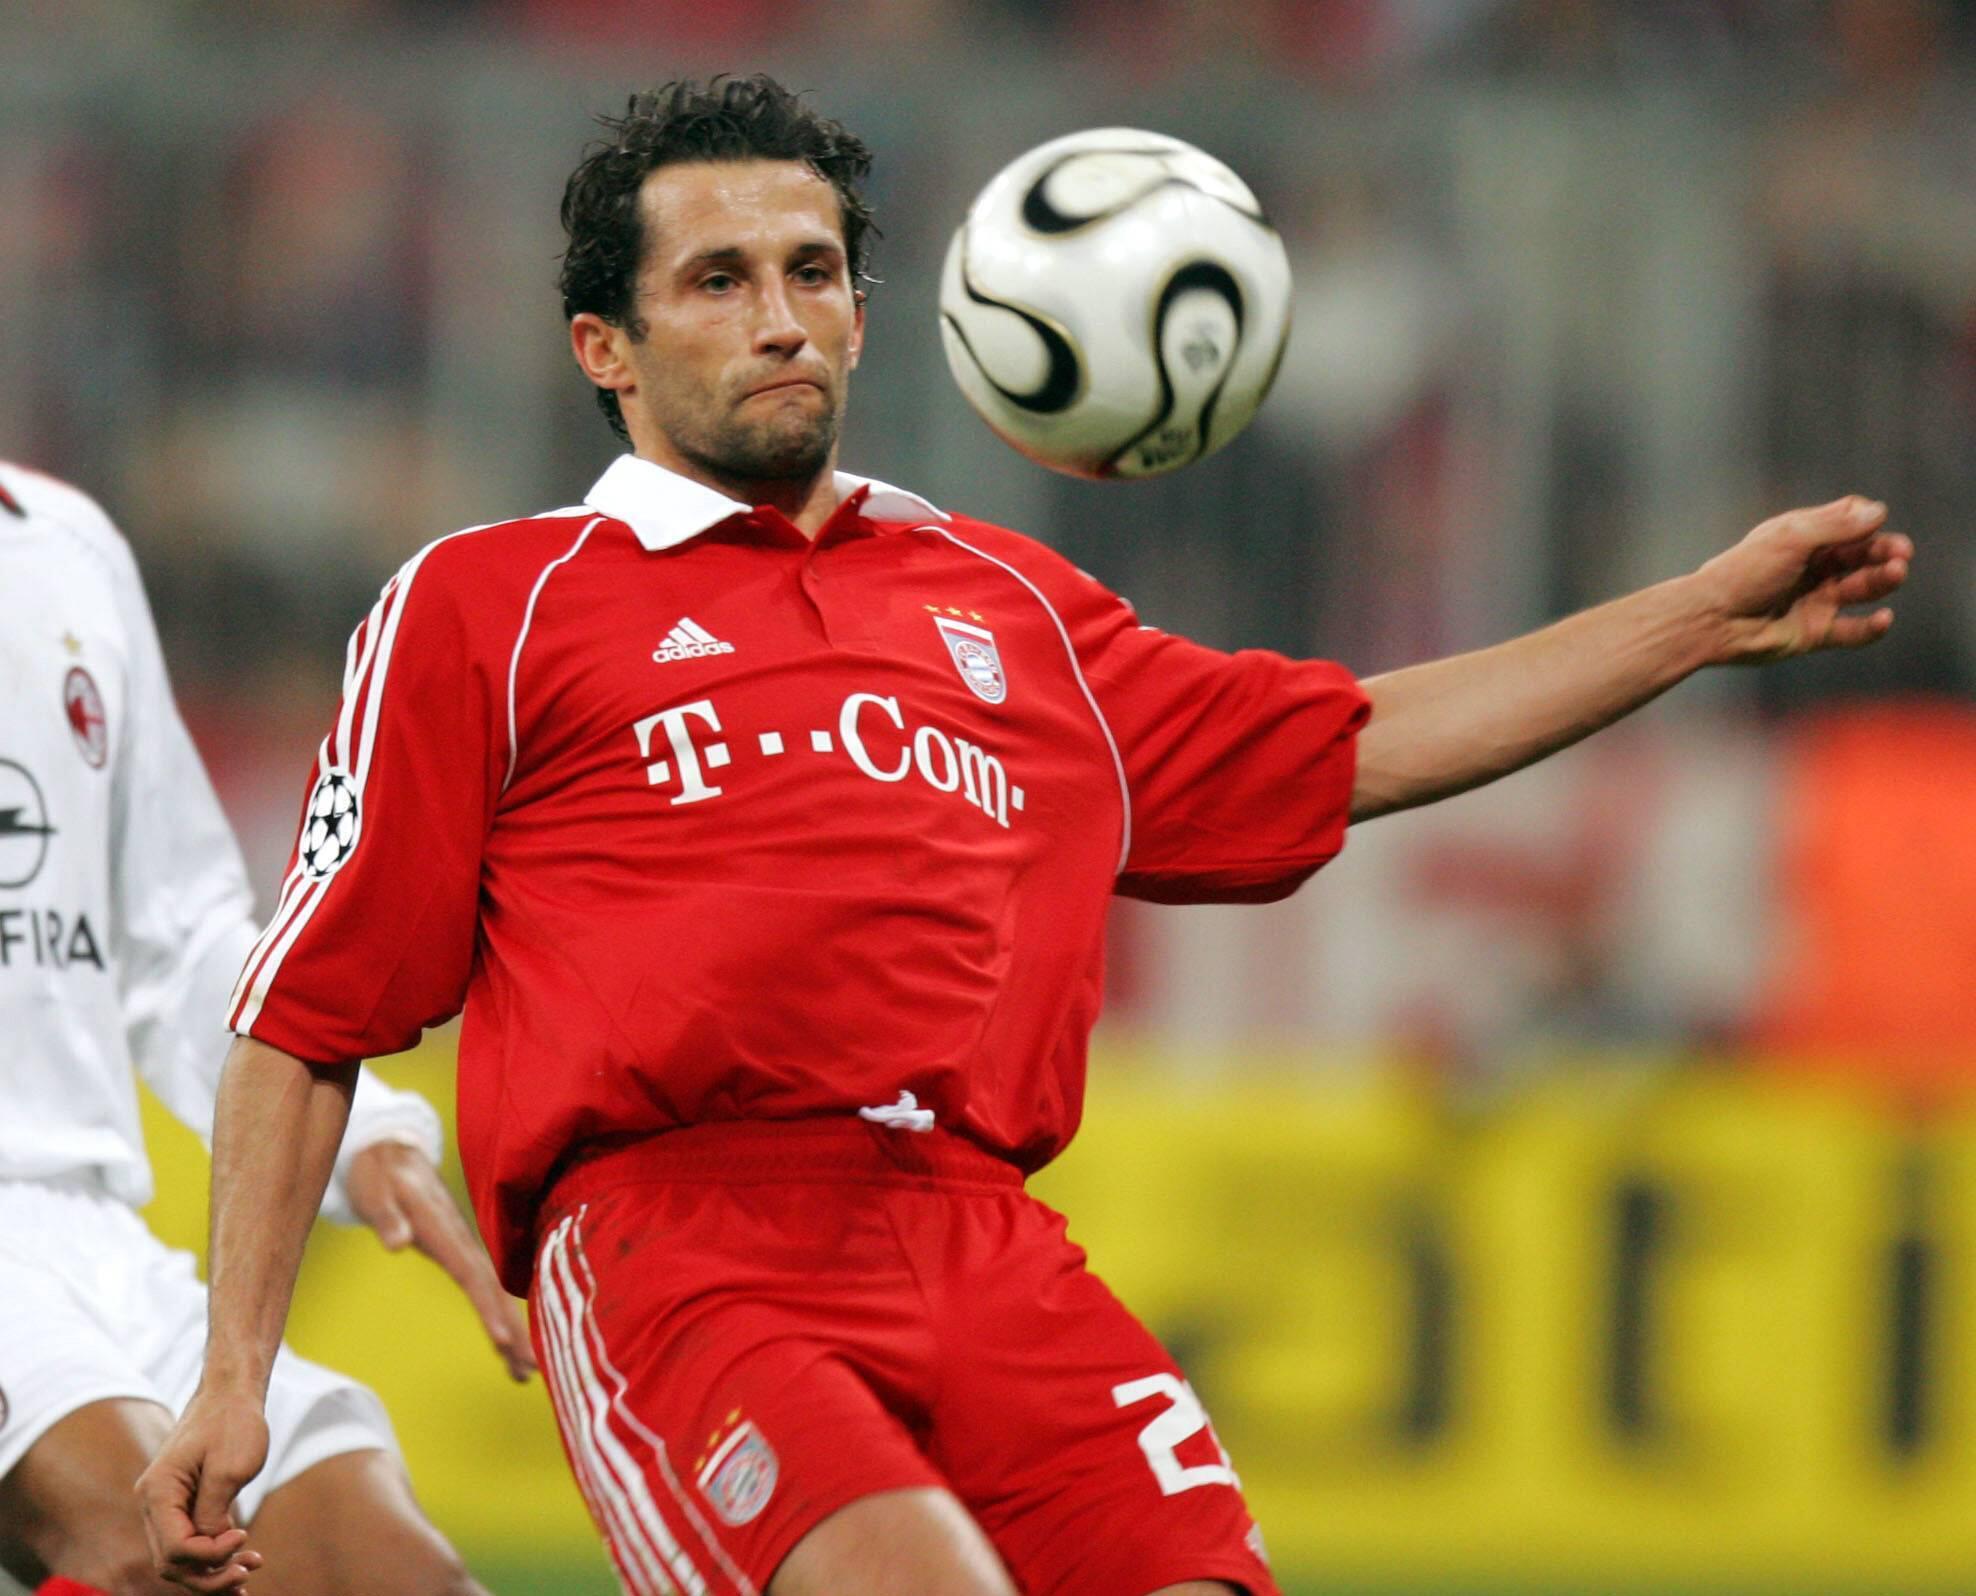 Bild zu Hasan Salihamidzic, FC Bayern München, AC Mailand, Champions League, Achtelfinale, 2005/06